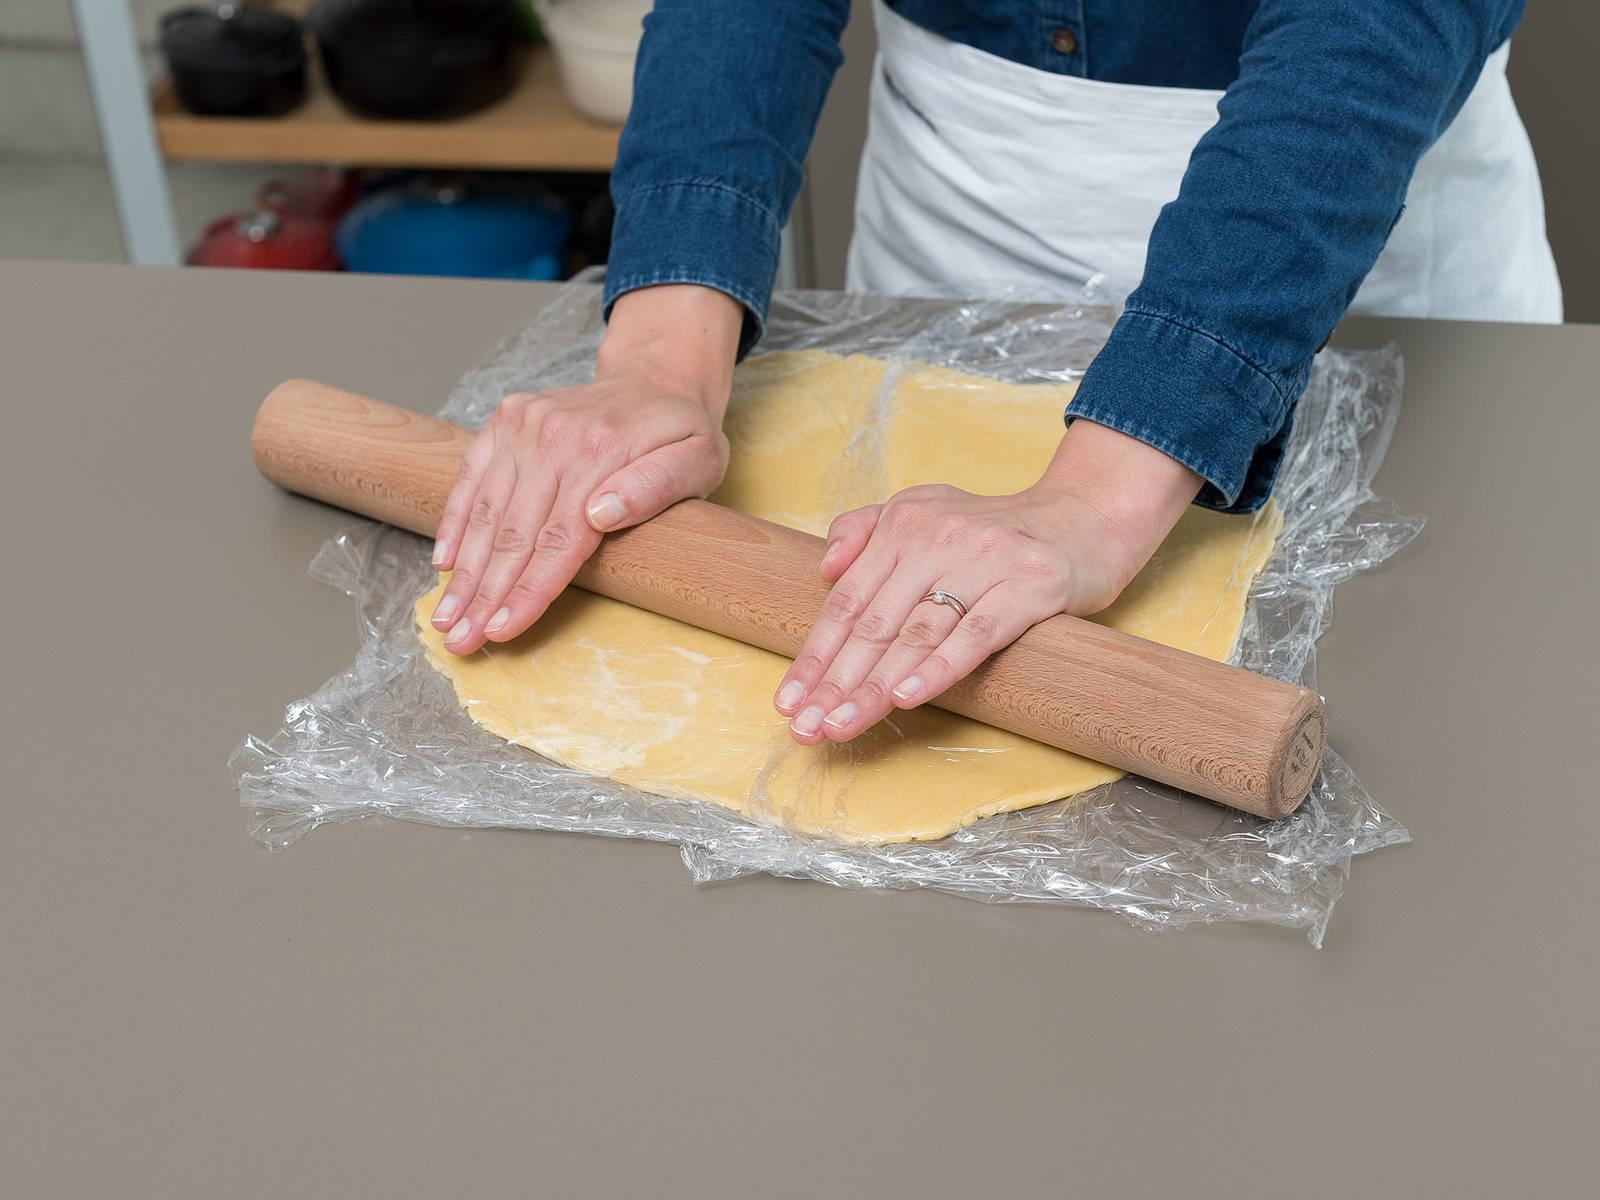 将乳蛋饼面团夹到两片塑料膜中,擀成直径约为28厘米的大圆形。